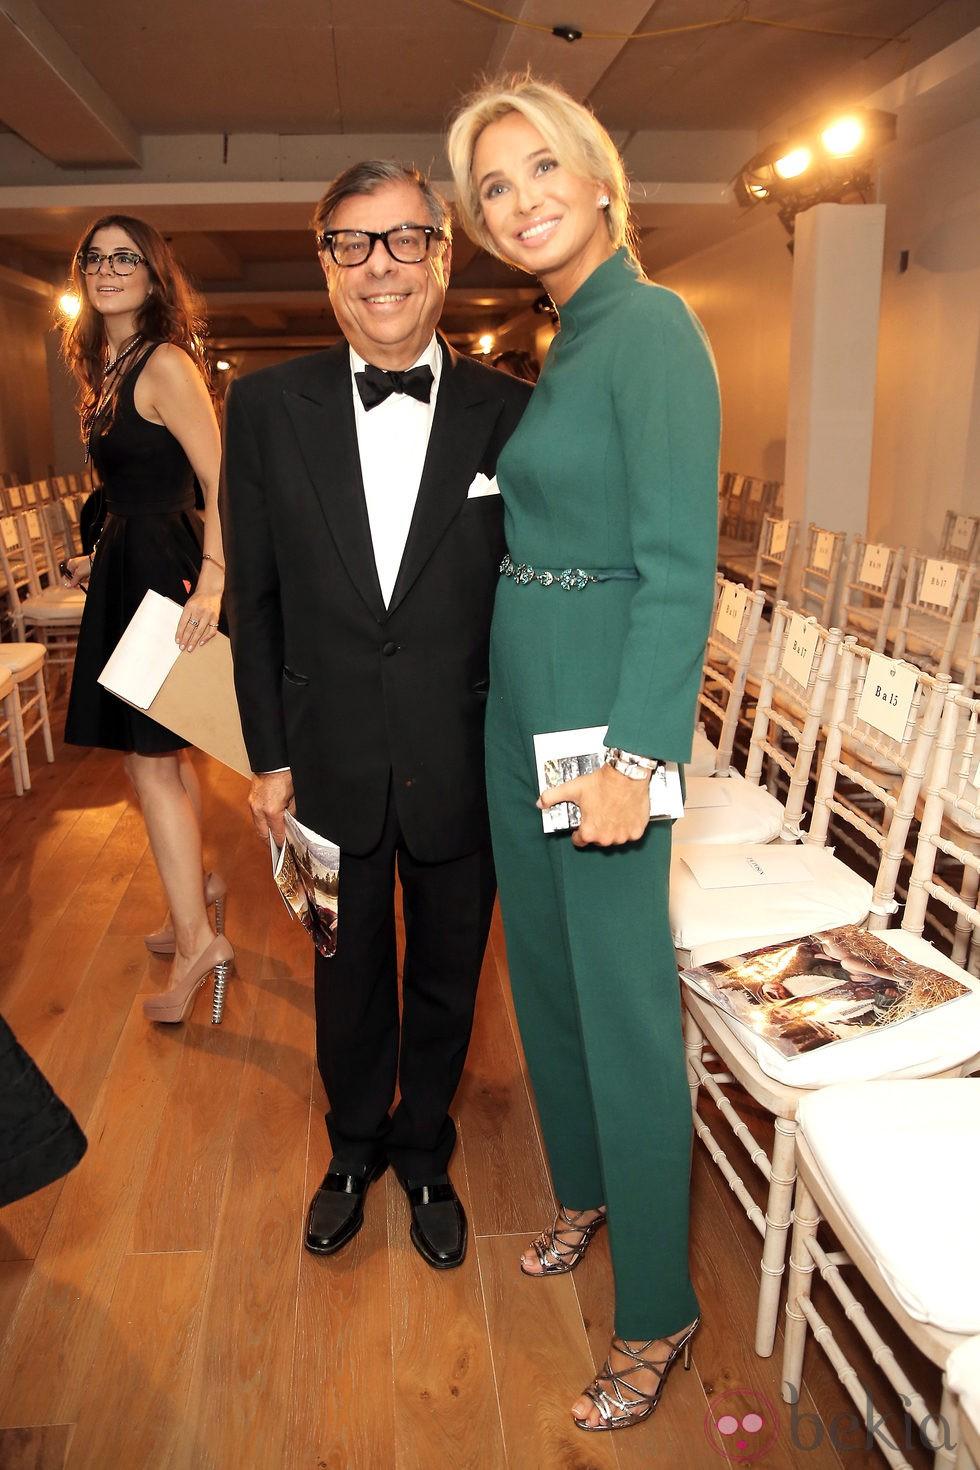 Corinna zu Sayn-Wittgenstein junto al periodista Bob Colacello en en la Semana de la Moda de Nueva York Primavera/Verano 2015